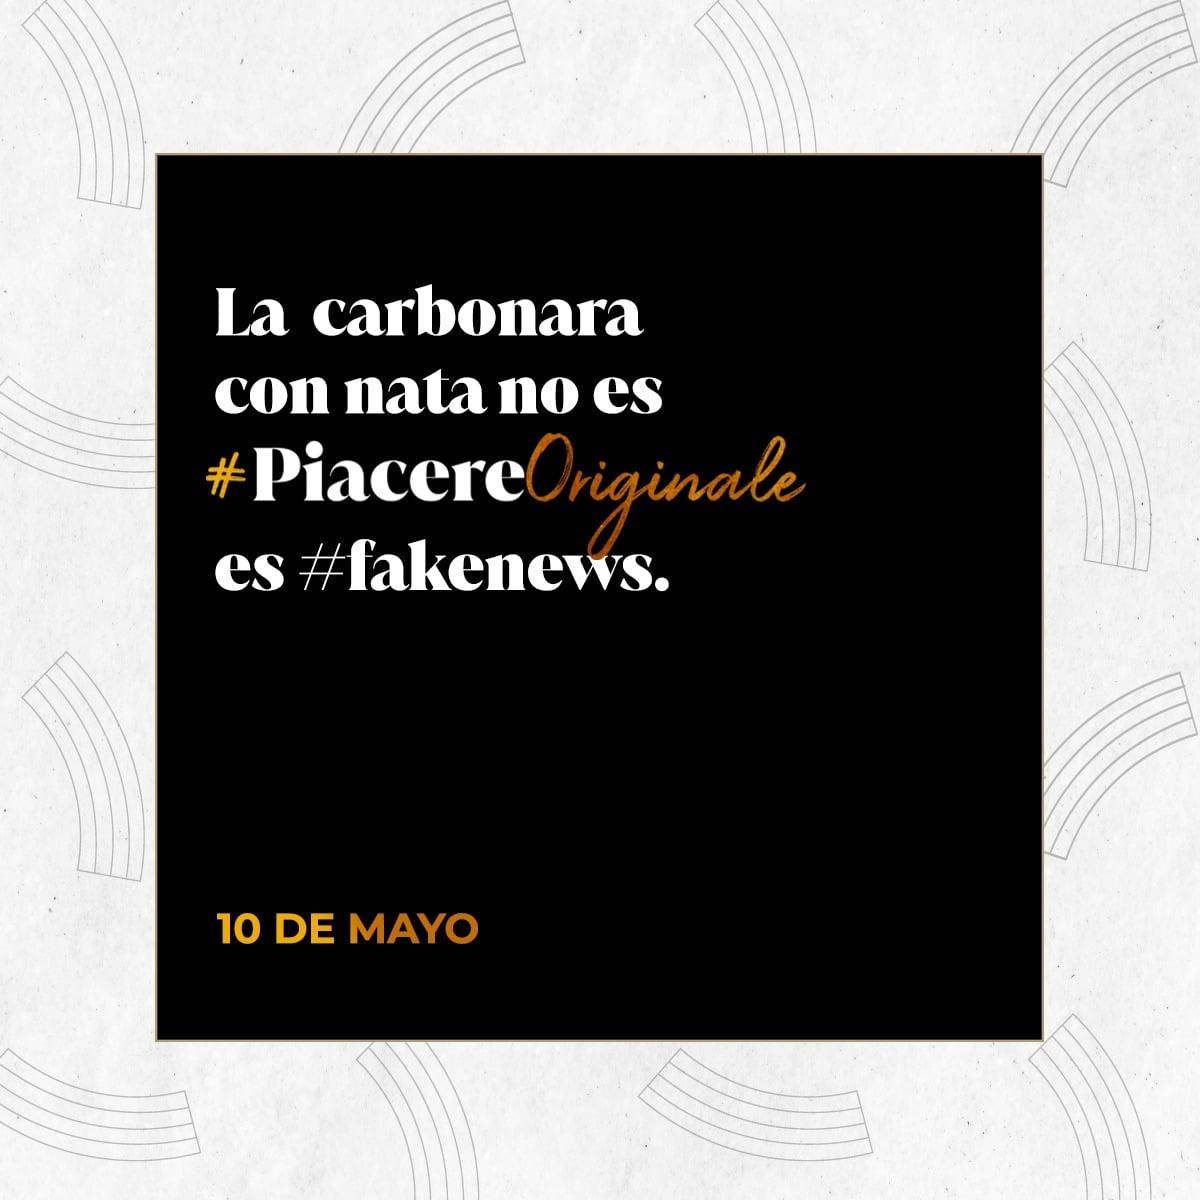 """carbonara original - """"La carbonara con nata no es #PiacereOriginale, es #FakeNews"""""""